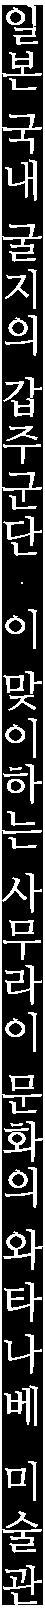 日本国内屈指の甲冑群団が迎える侍文化の美術館